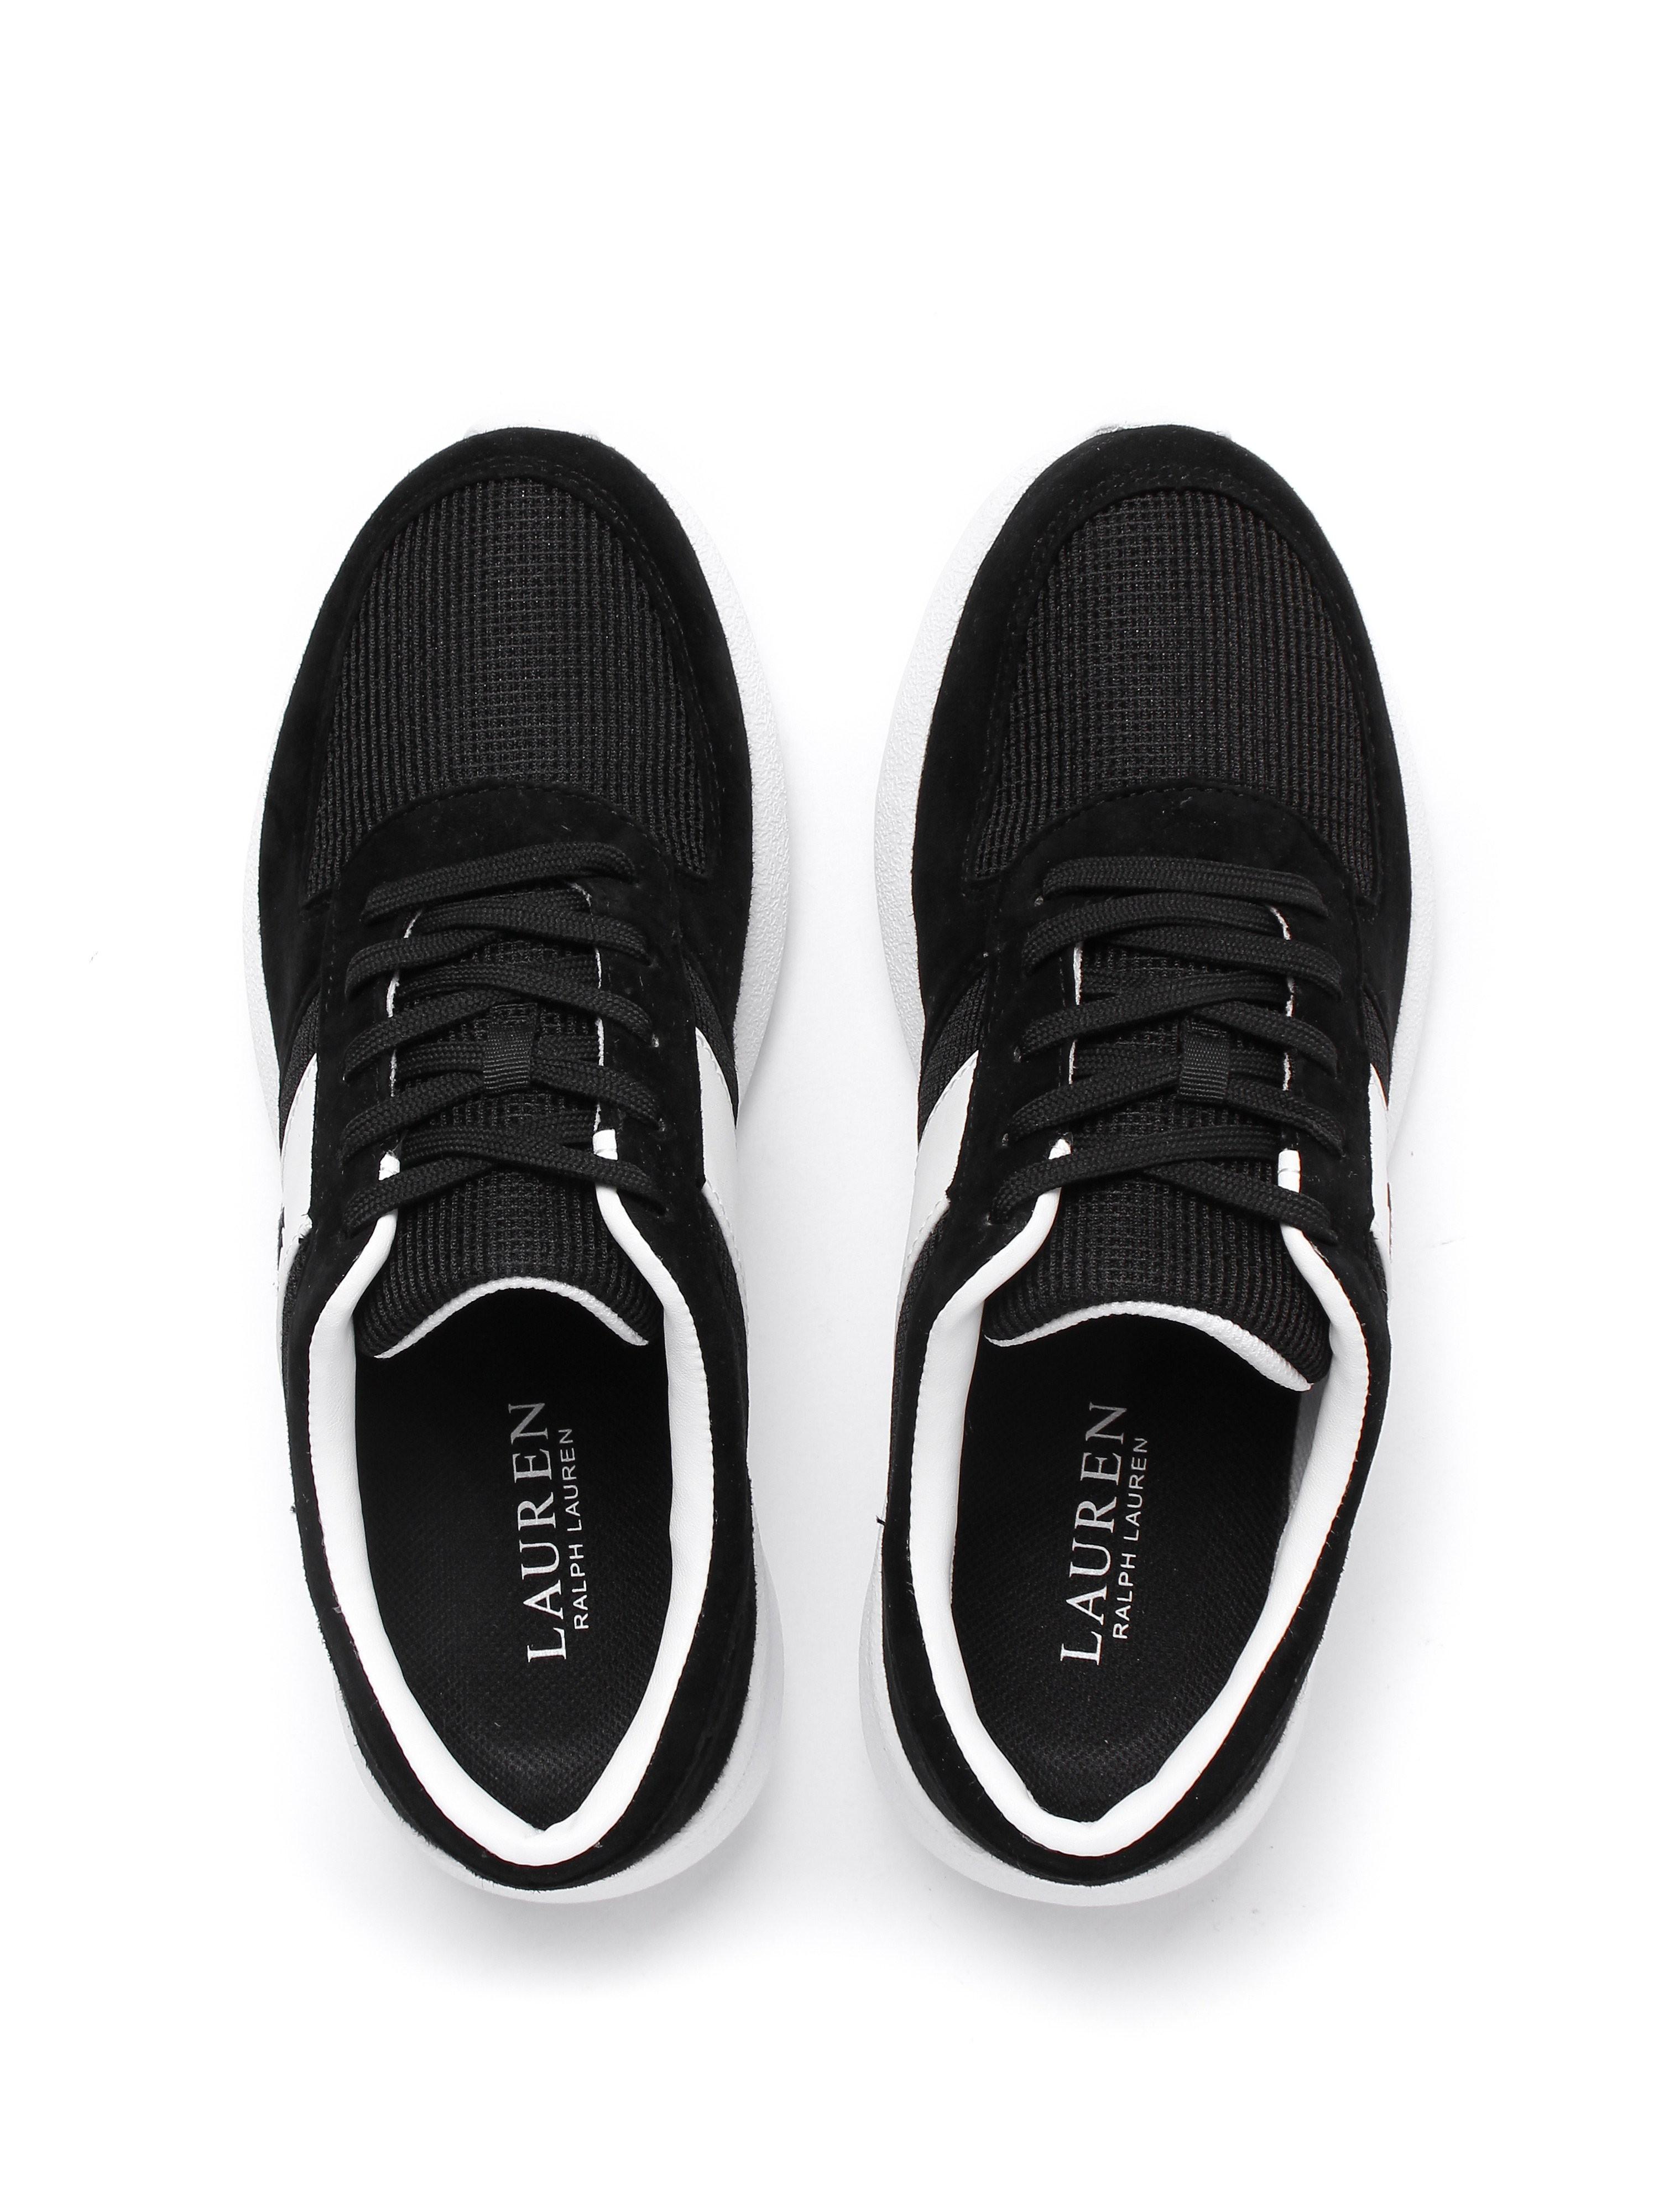 Lauren Ralph Lauren Women's Jay Suede & Mesh Athletic Trainers - Black & White